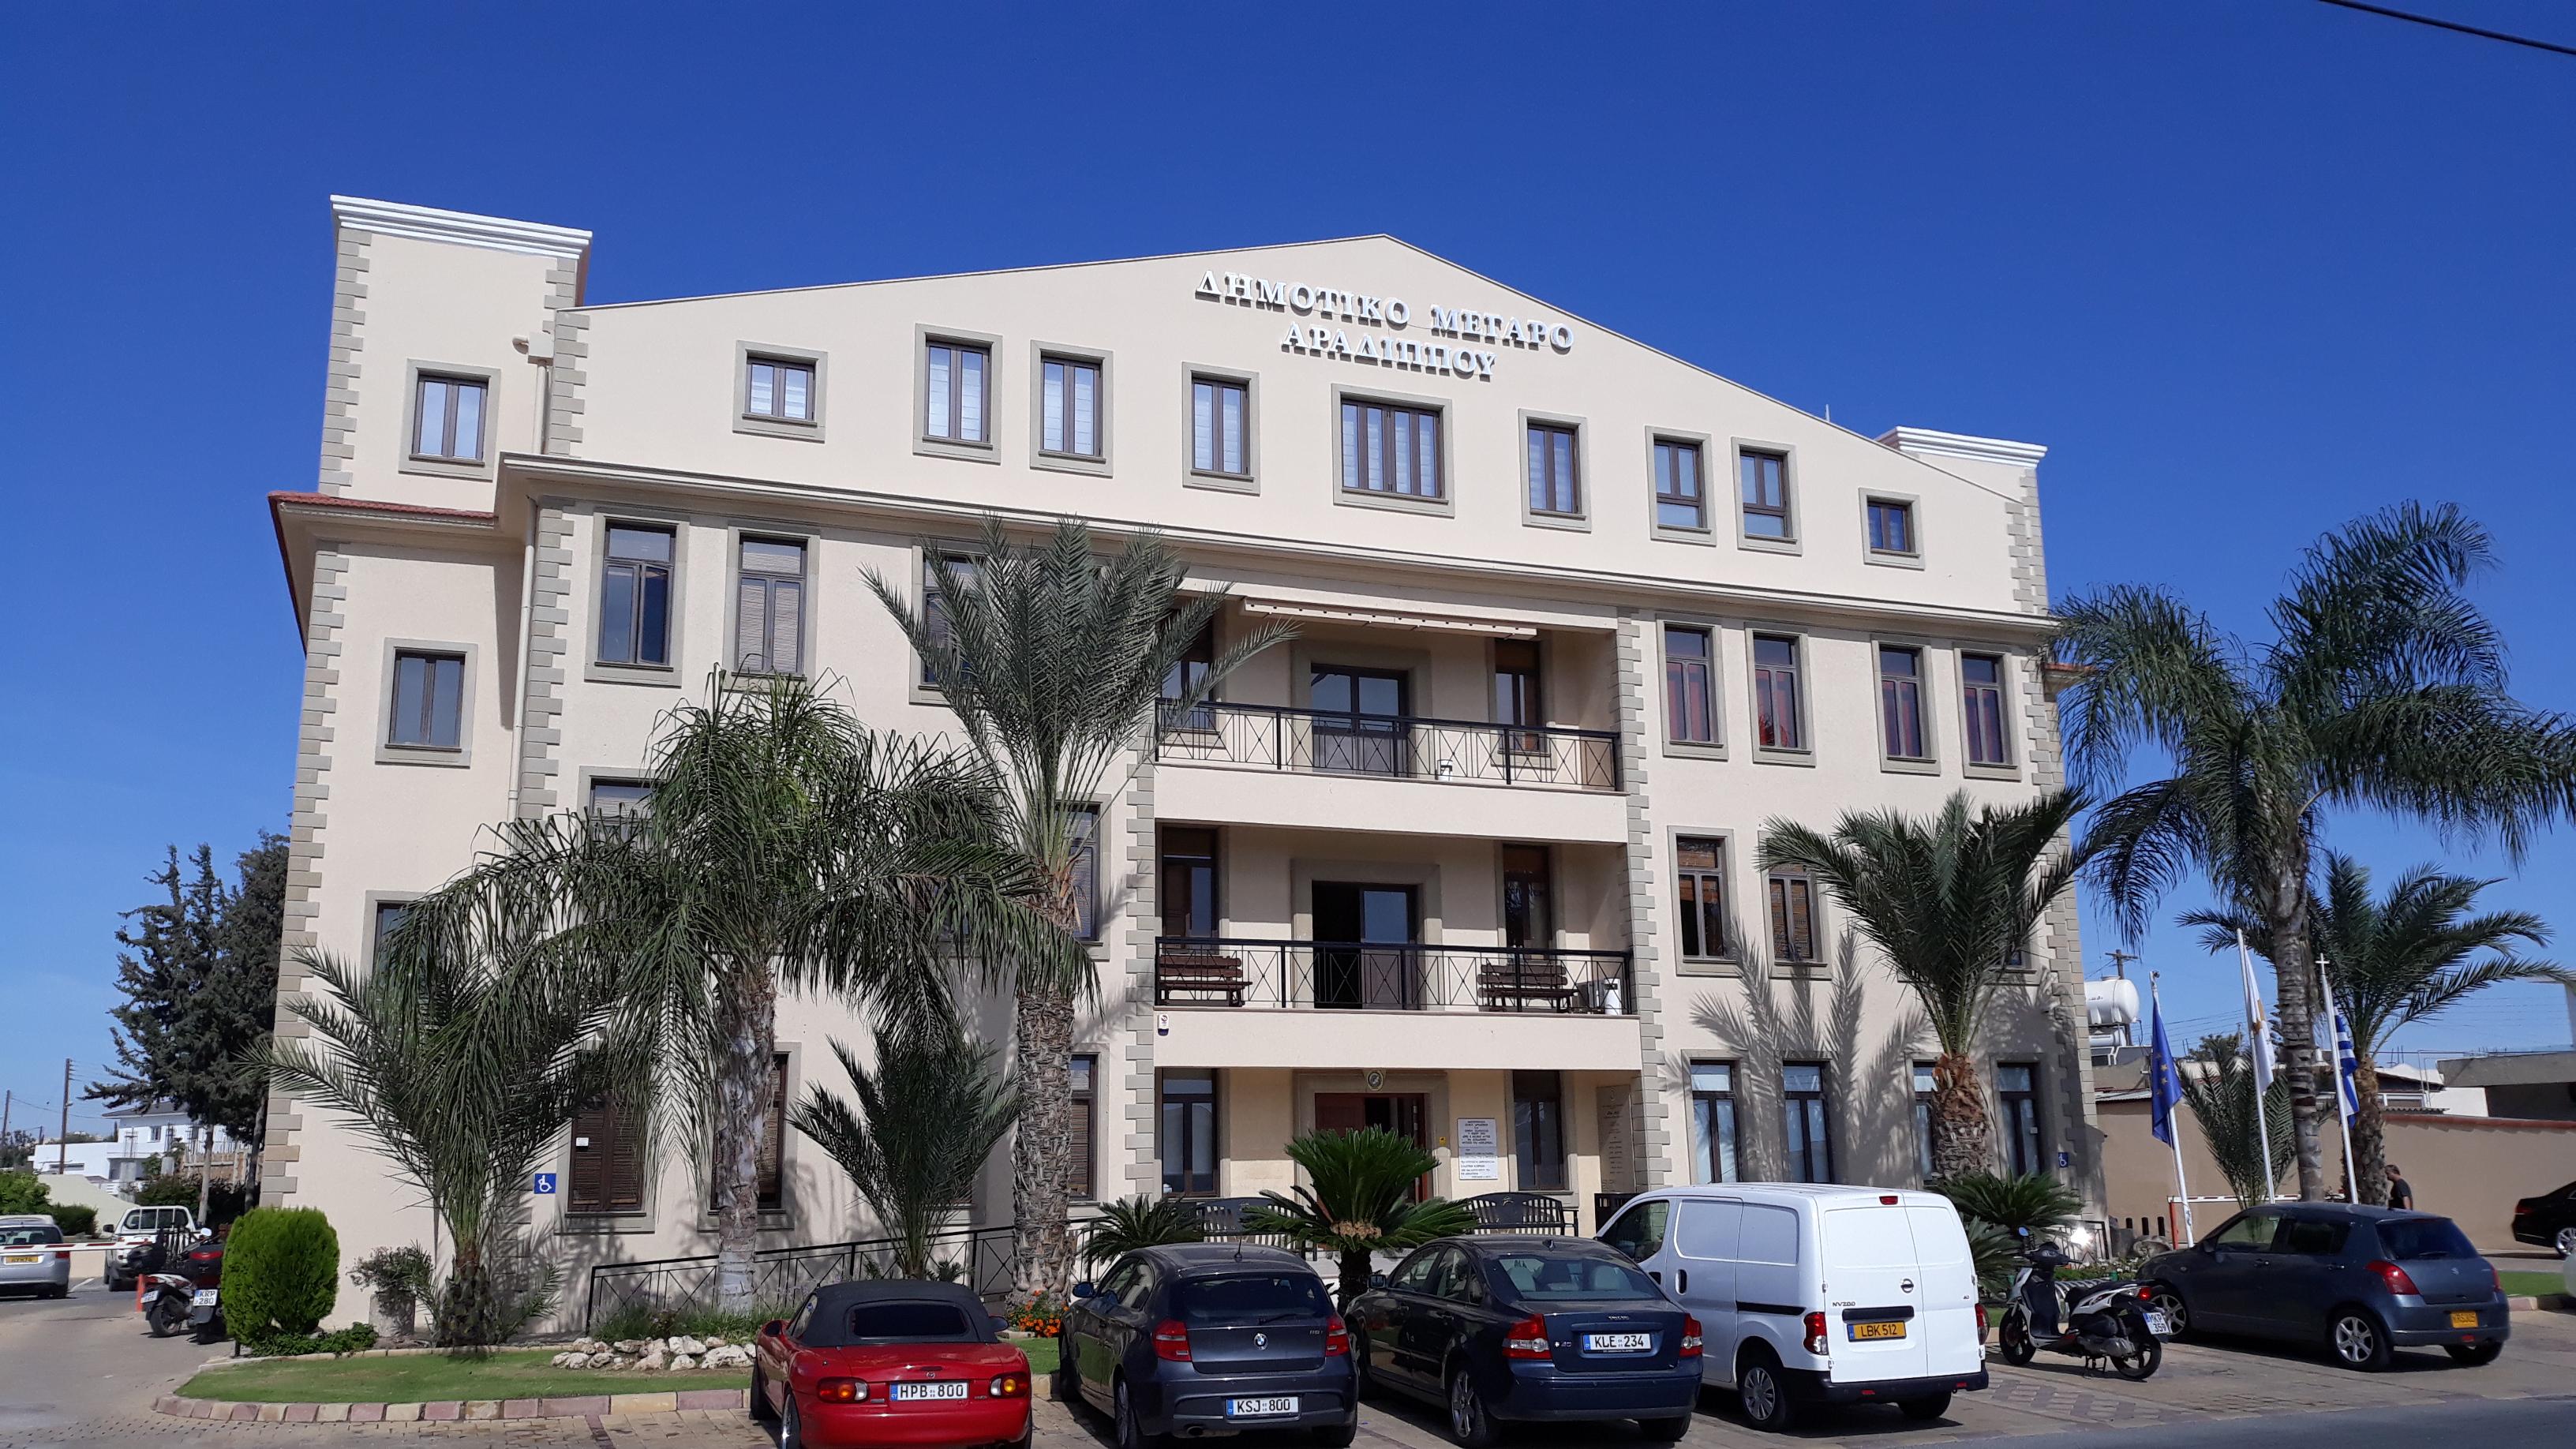 Μεγάλα έργα υλοποιούνται στον Δήμο Αραδίππου, για το 2018 – 2019